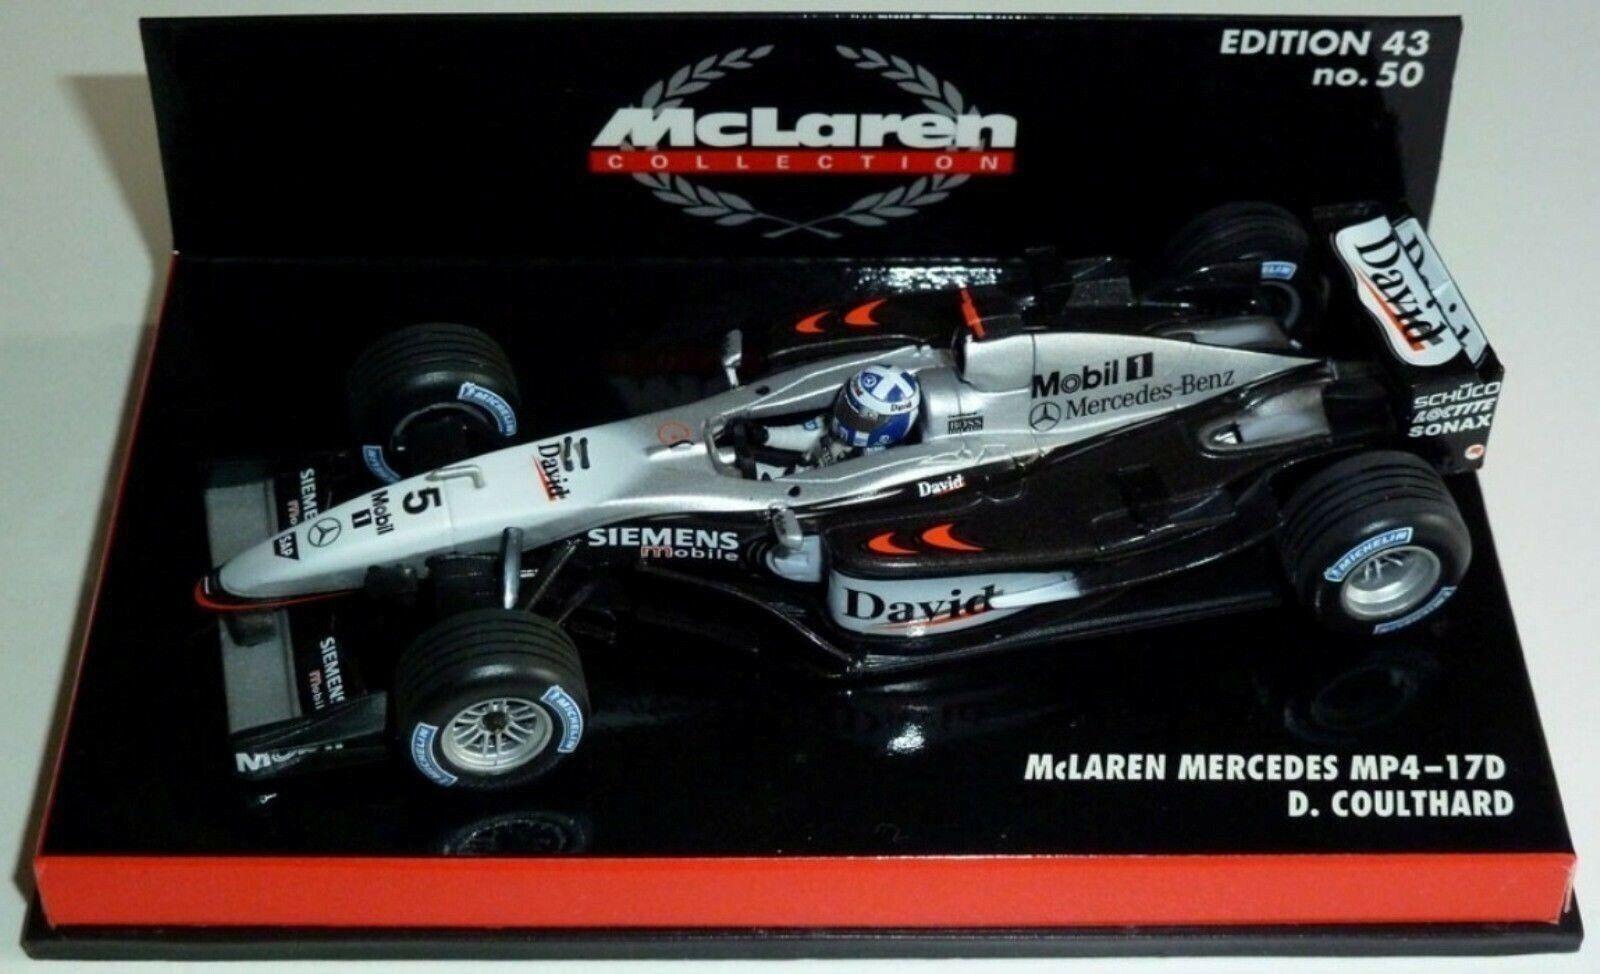 Wow extremamujerte raro McLaren 2003 MP4 17 D Coulthard GP Francia 1 43 Minichamps